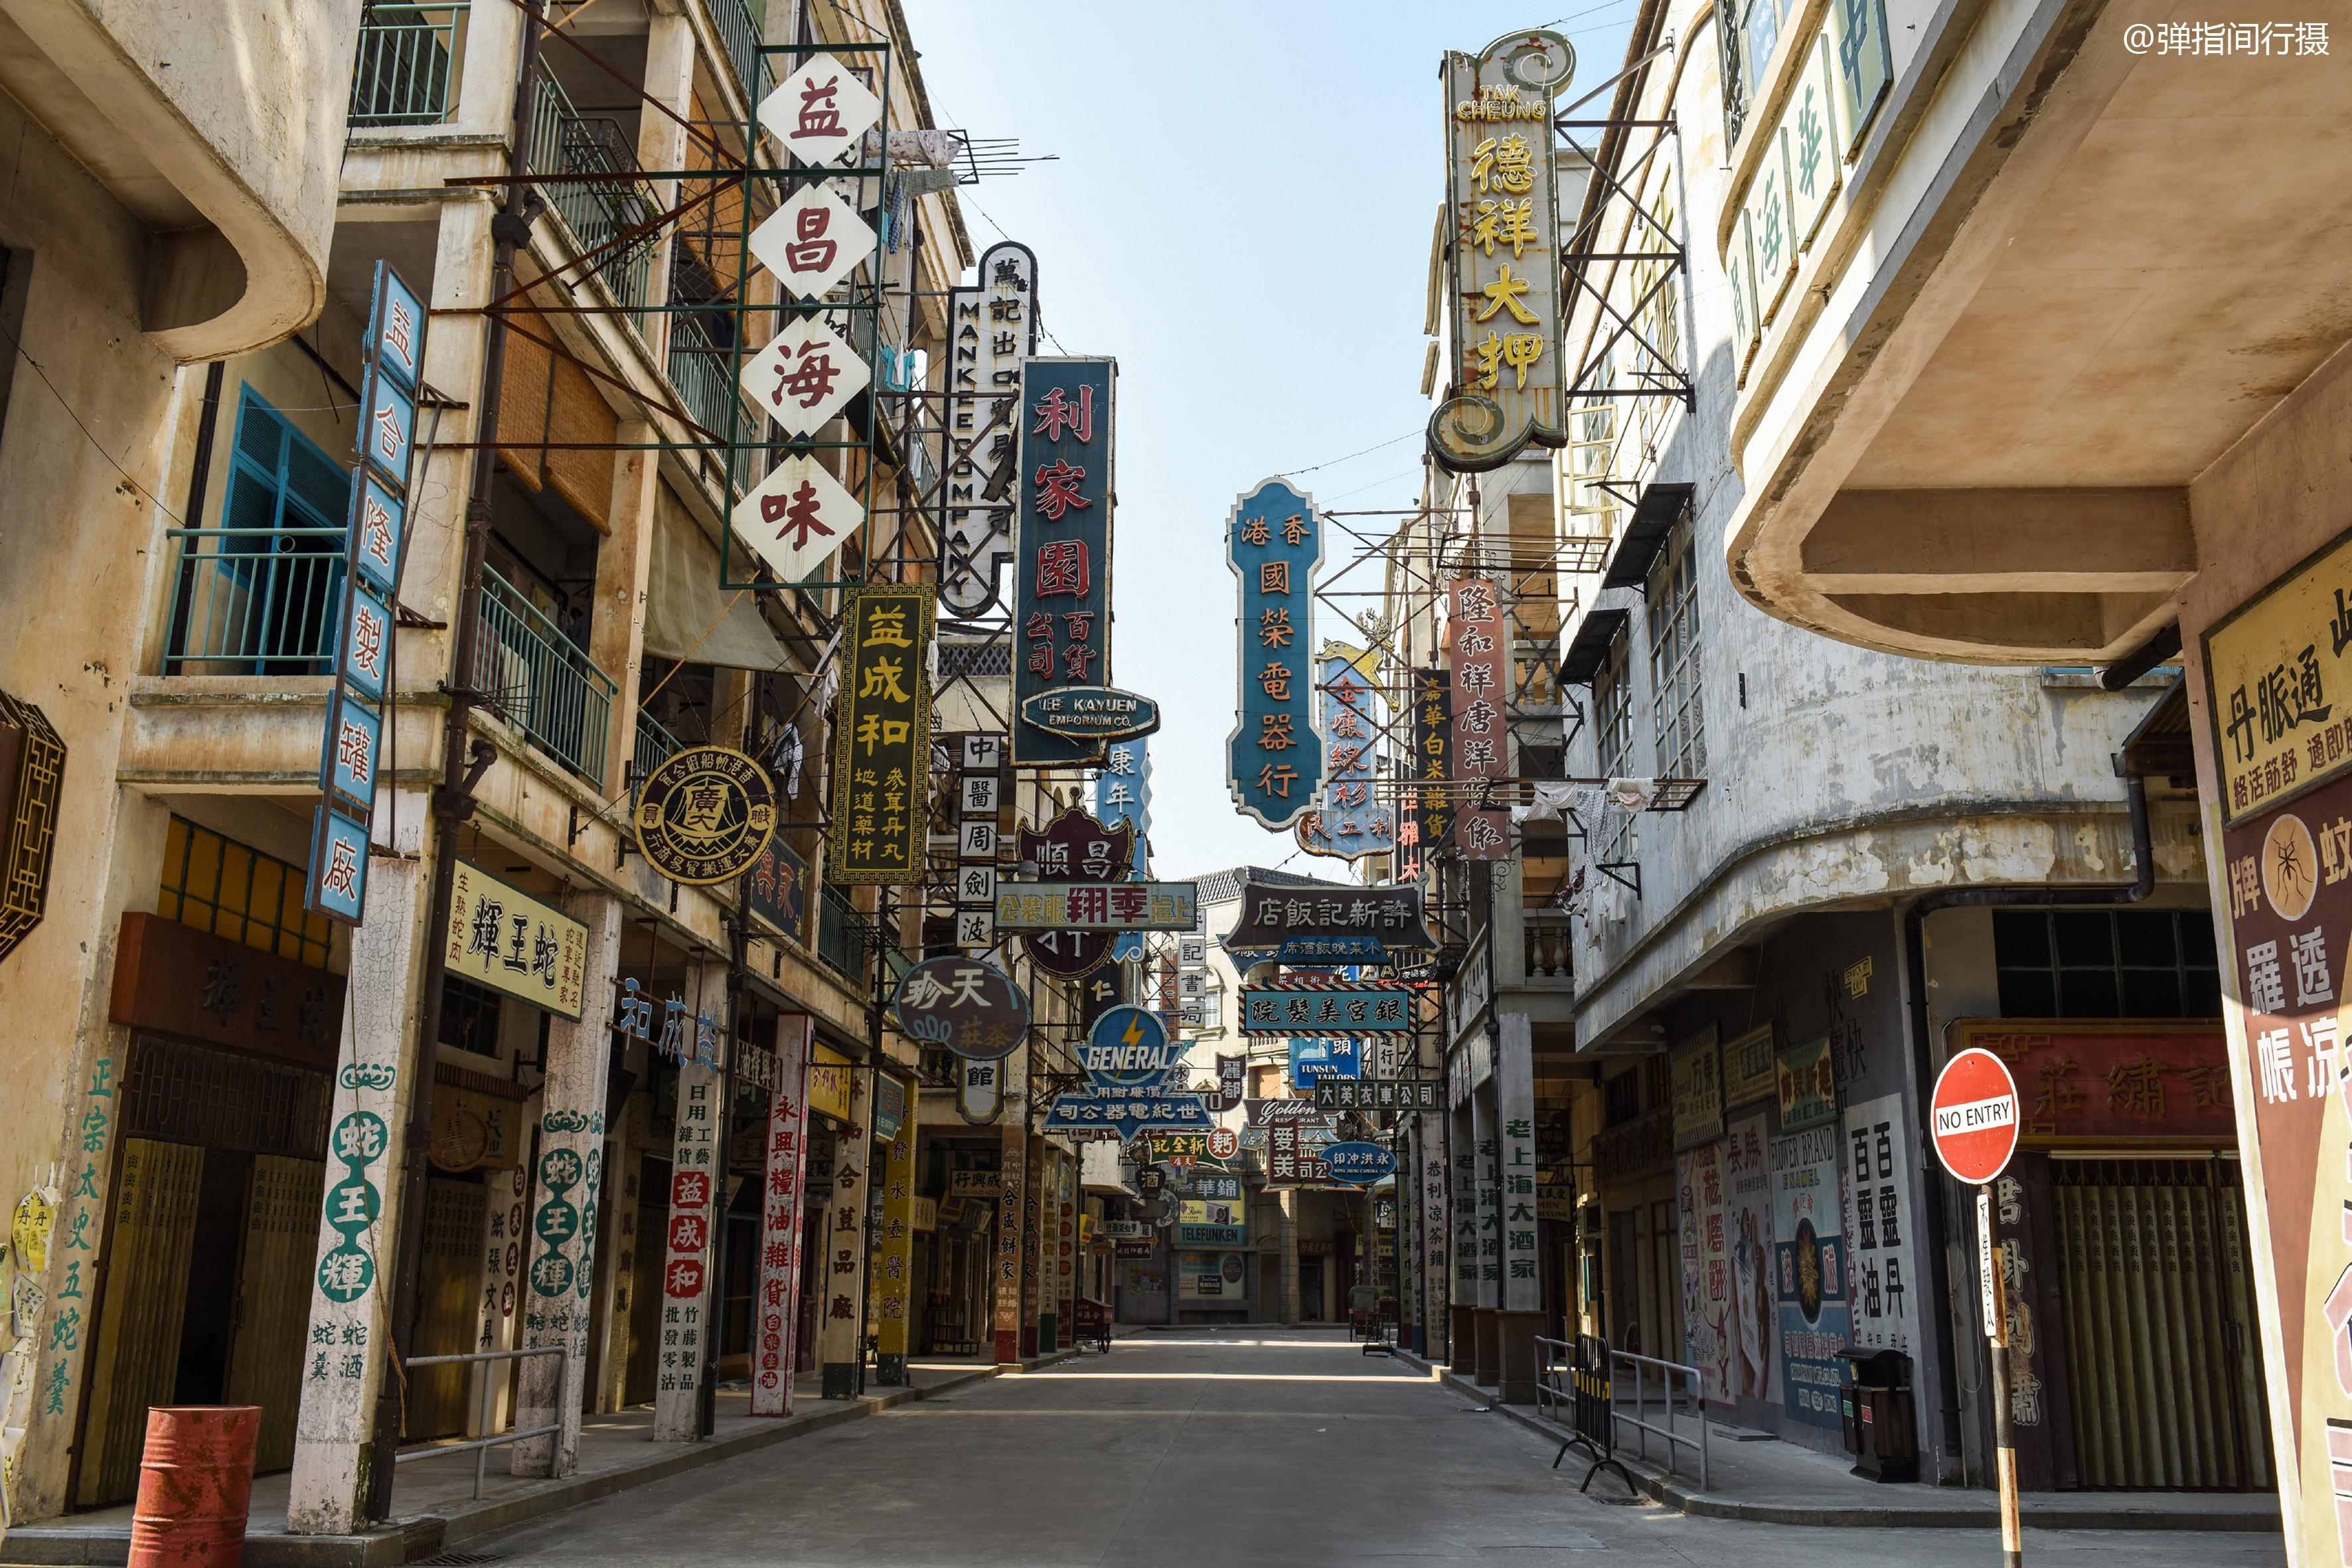 近年热门港片不少在此取景,广东人在森林公园中还原出一个老香港